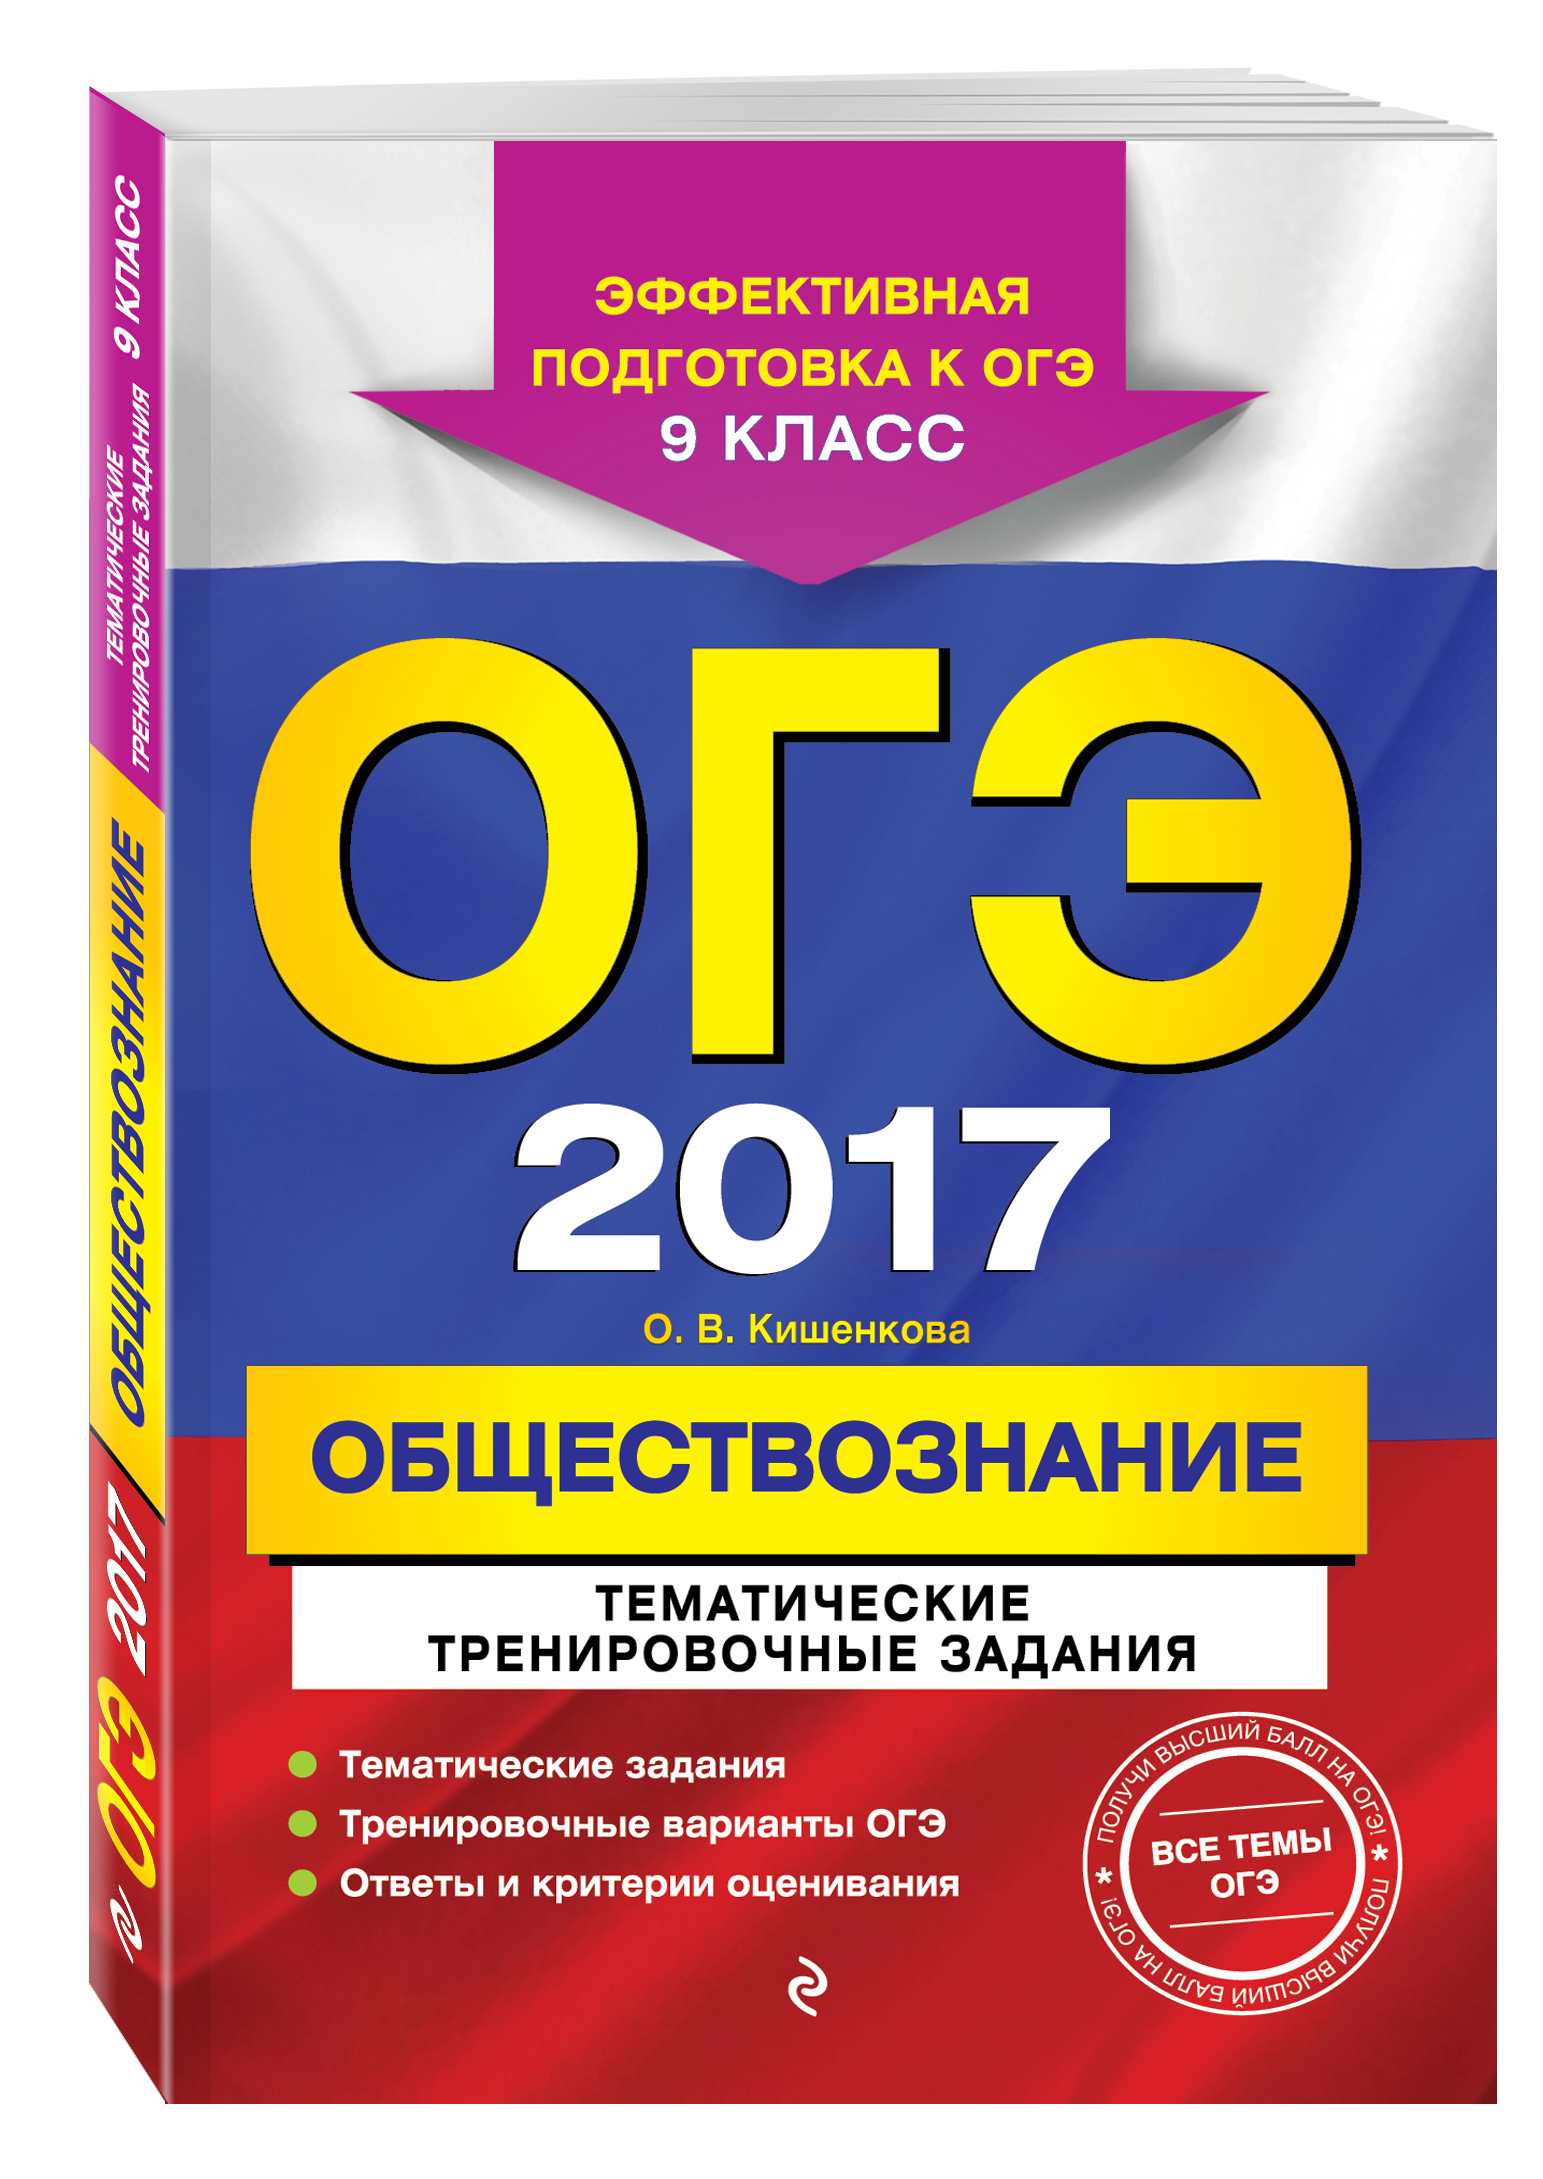 ОГЭ-2017. Обществознание. Тематические тренировочные задания. 9 класс